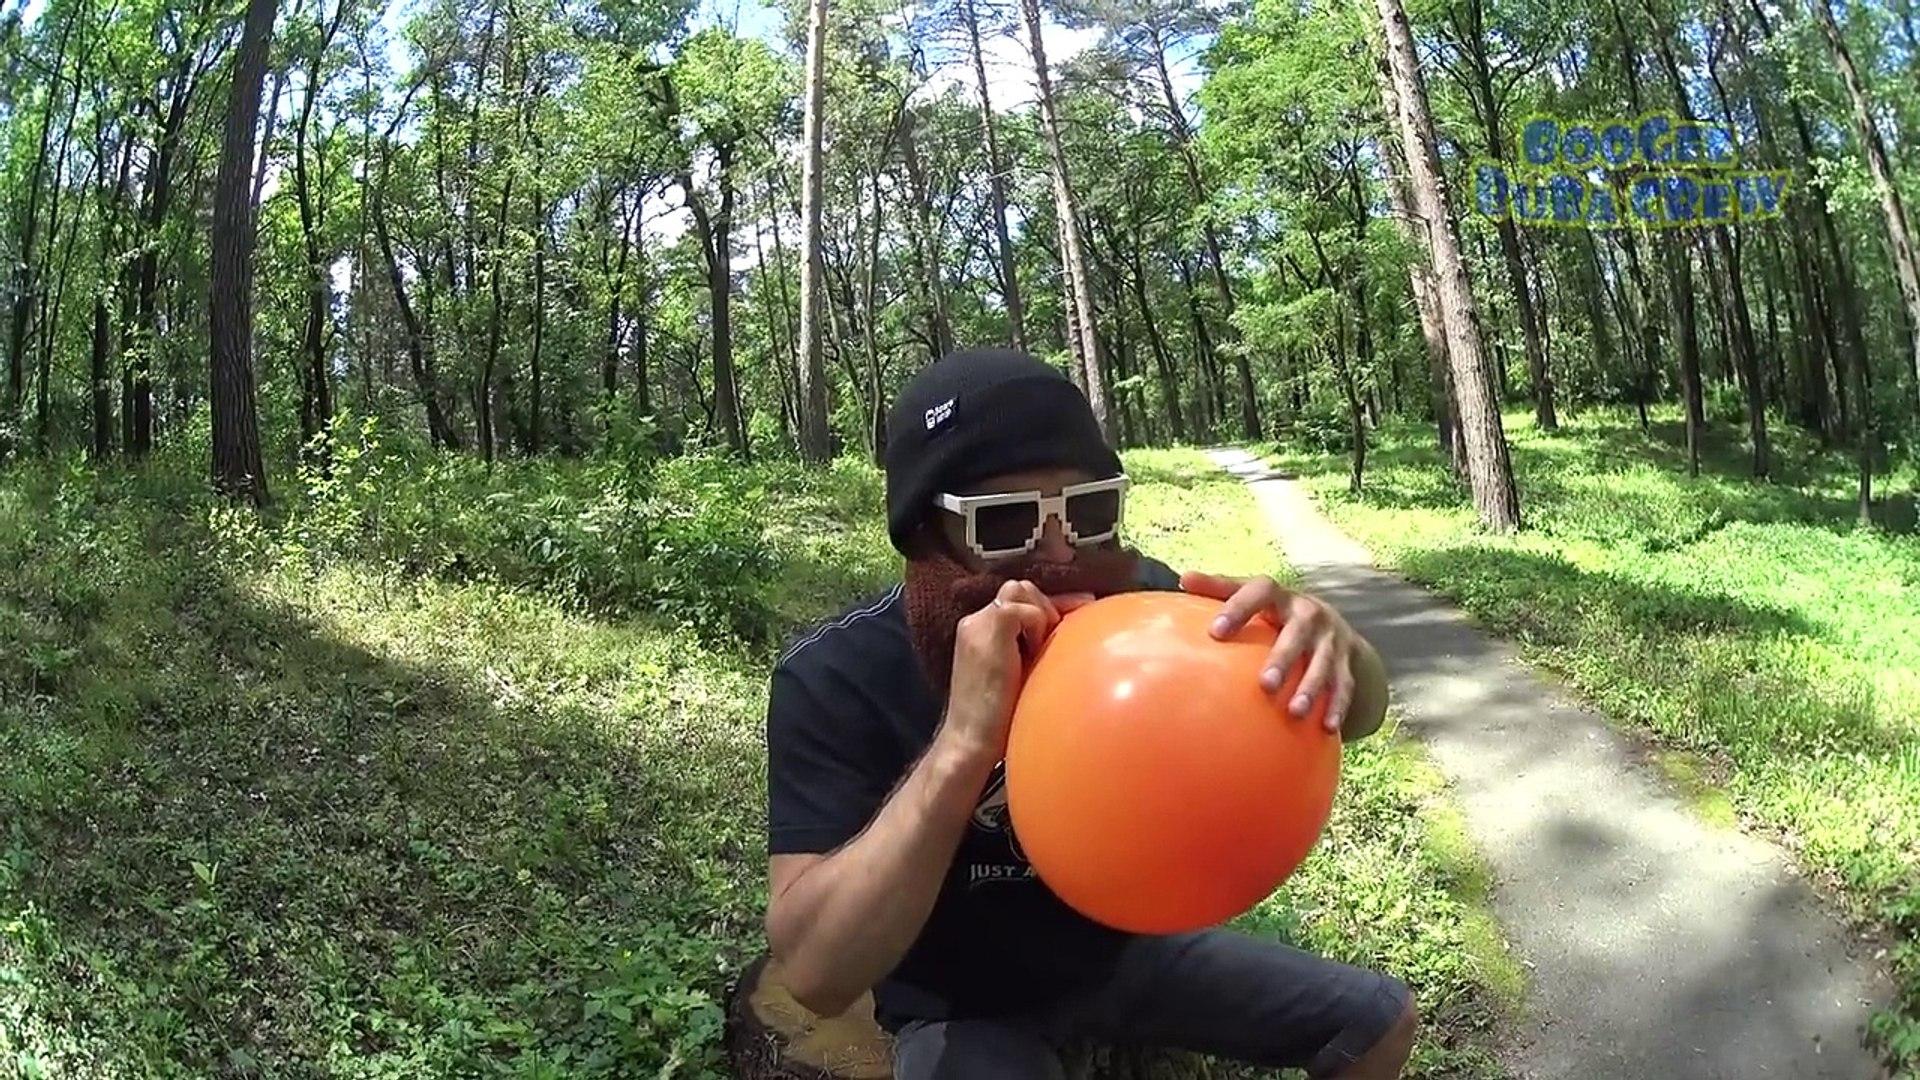 Лопаем шарики с водой. Челендж. Воздушные Шары. Challenge. Трюки. Гироскутер в помощь.